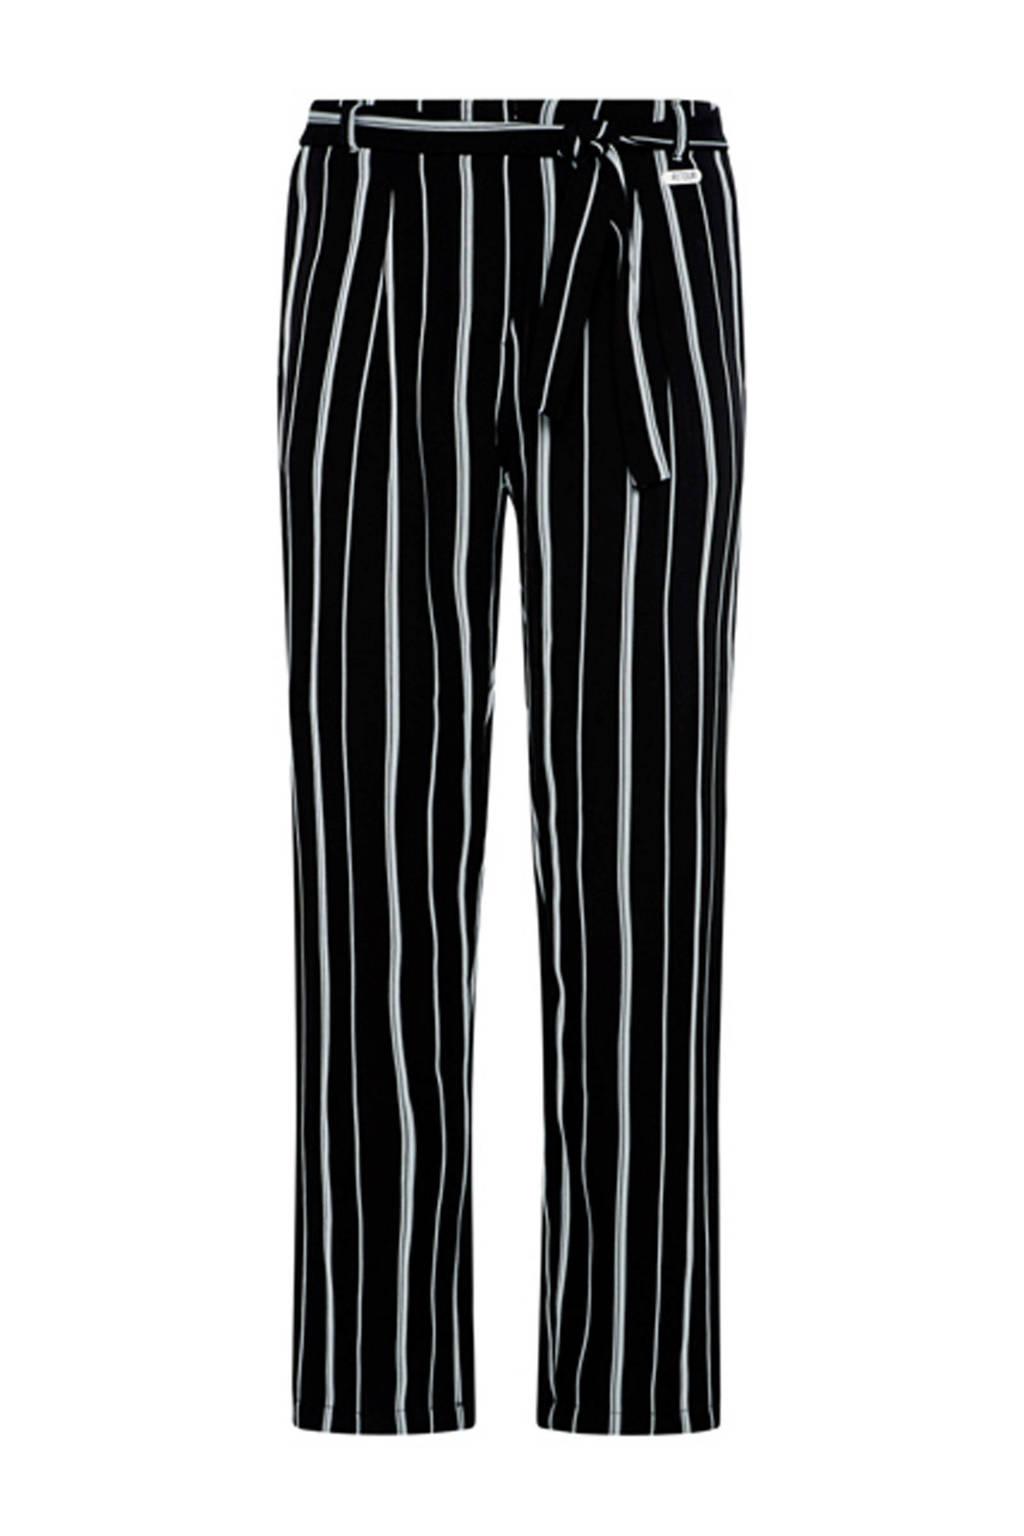 Retour Denim gestreepte broek Mayke zwart, Zwart/wit